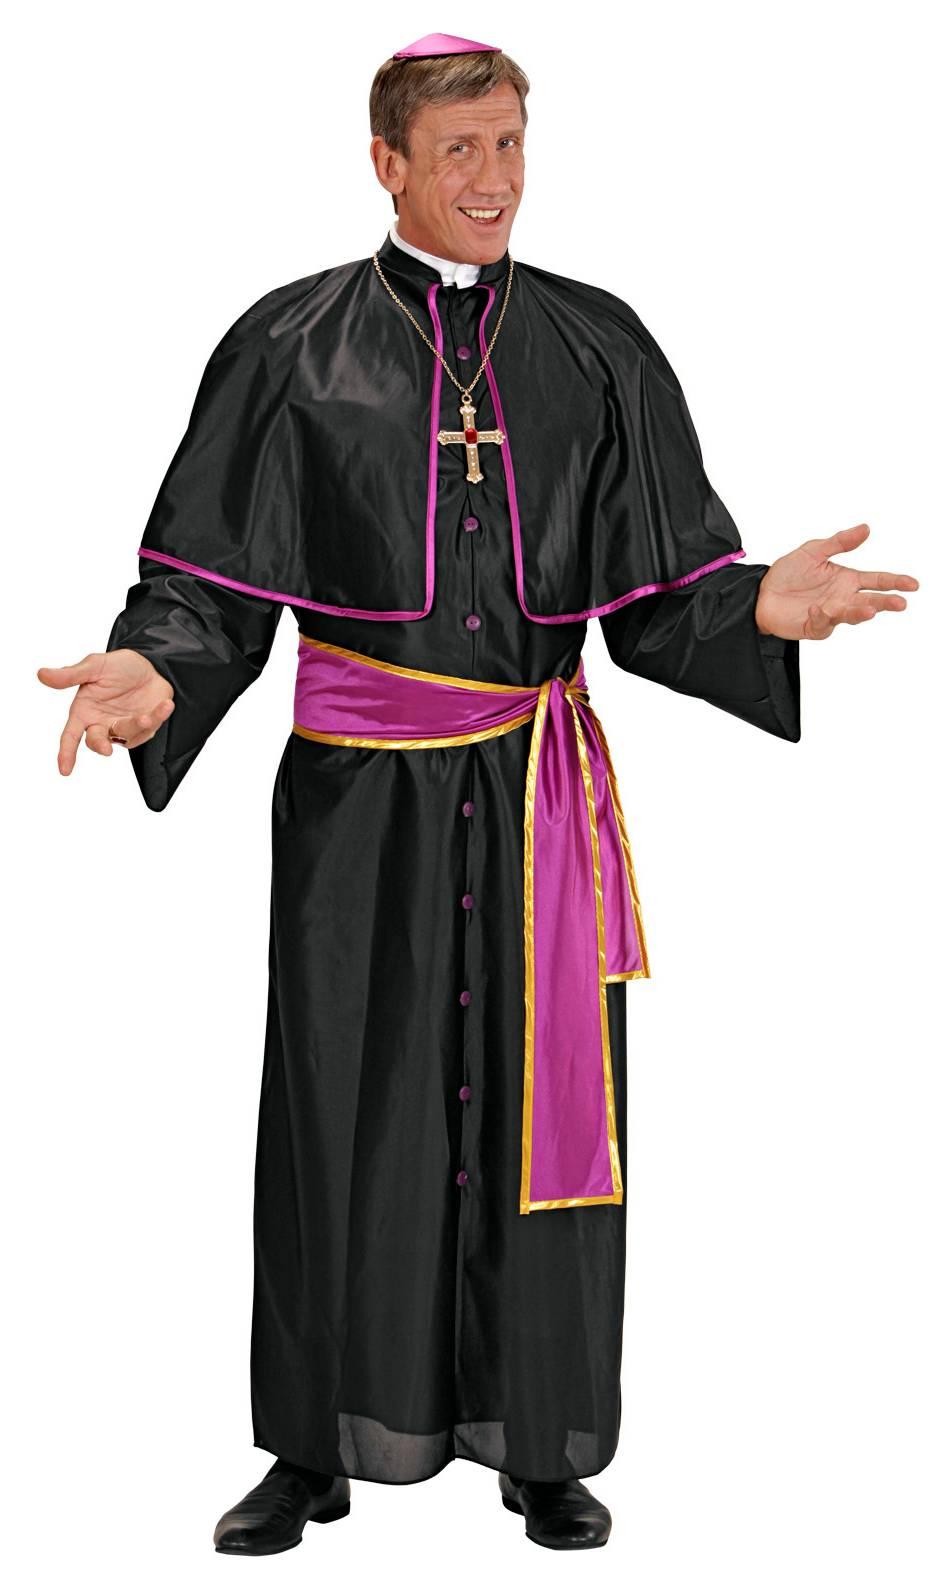 Costume de cardinal adulte